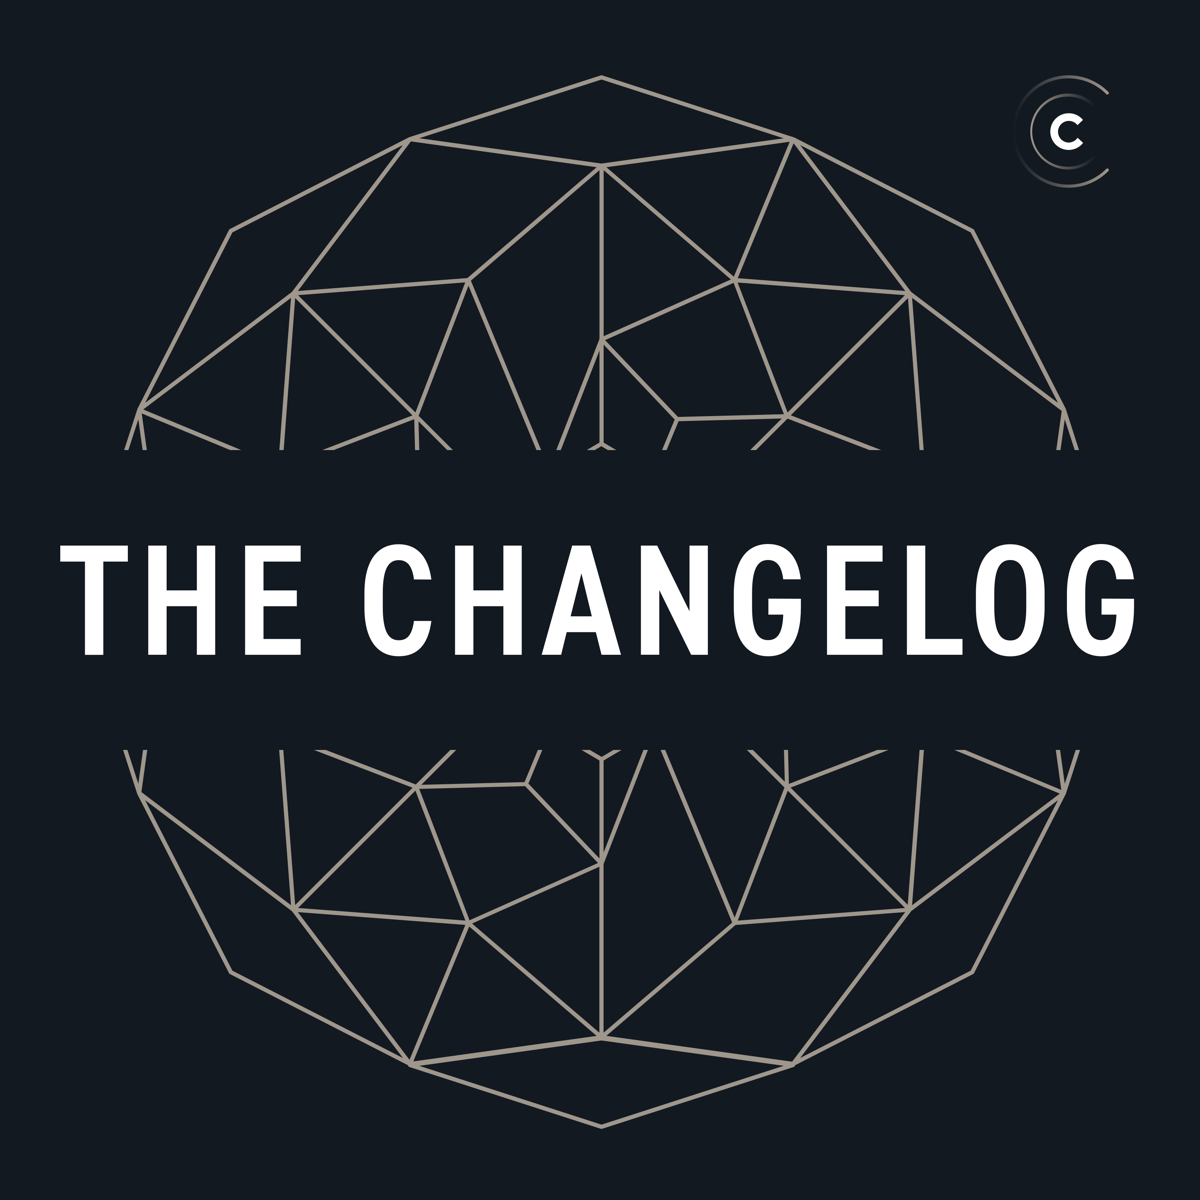 Top 2 episodes | Best episodes of The Changelog | Podyssey